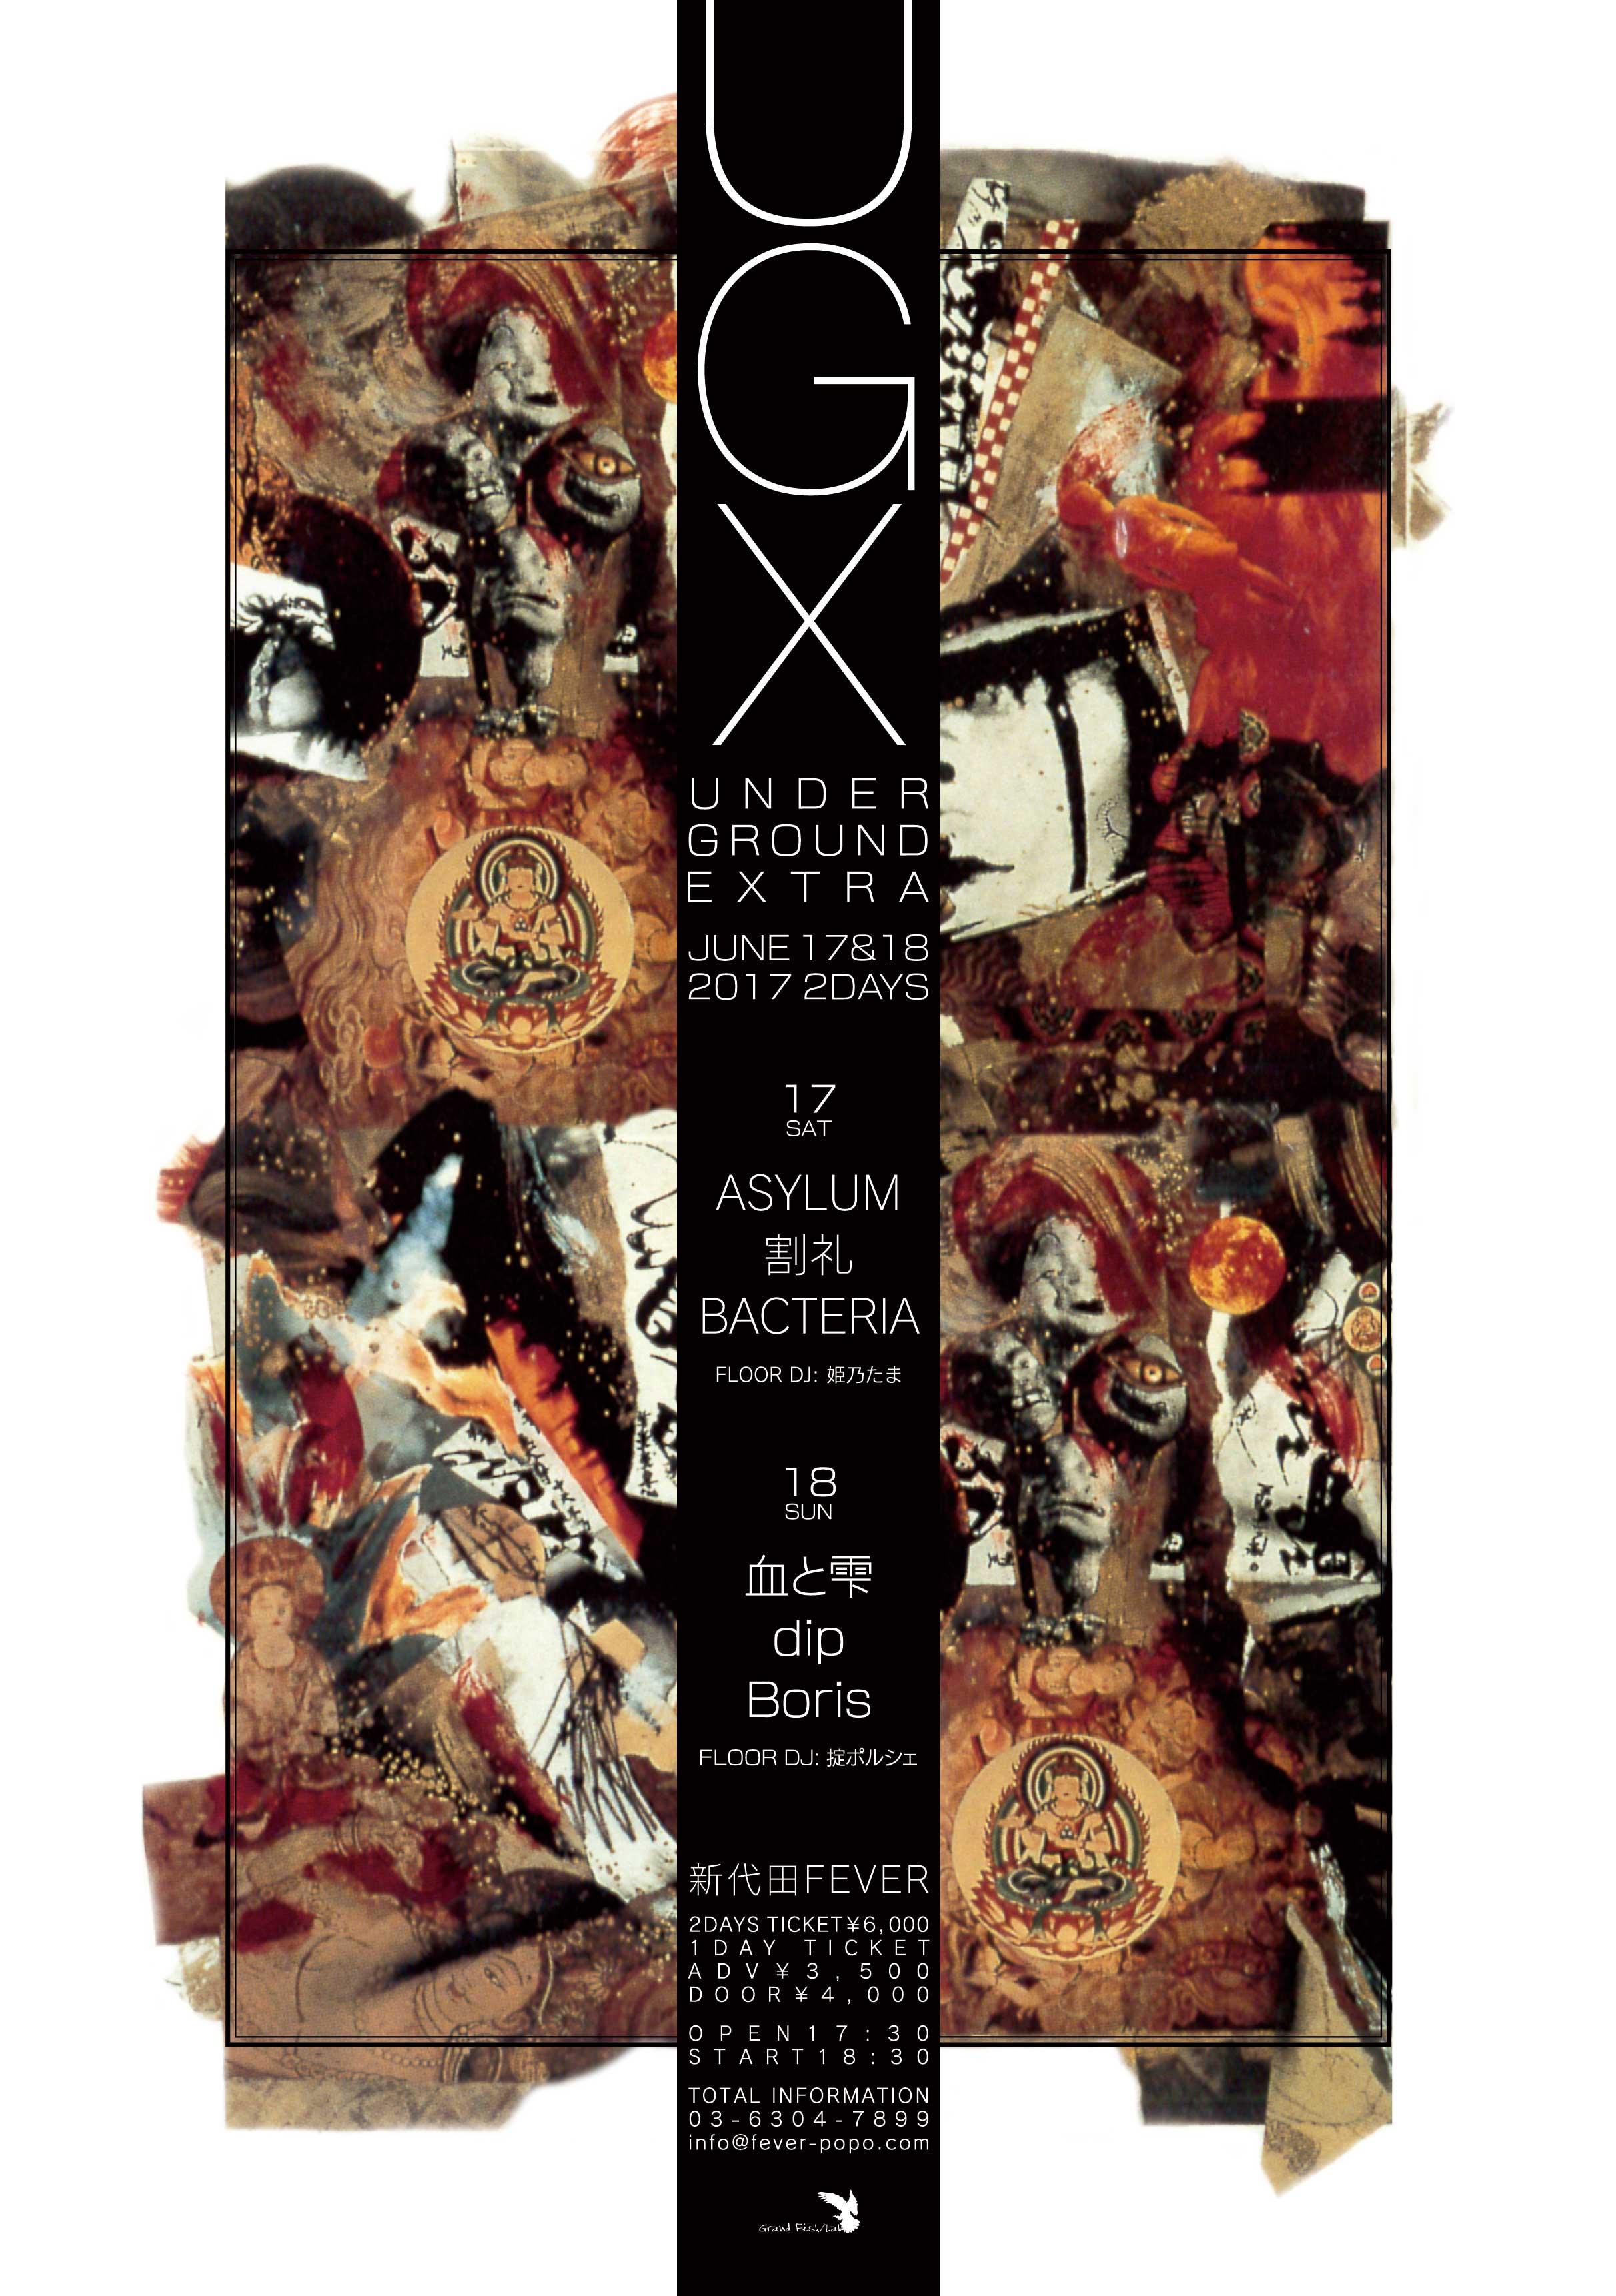 森川誠一郎(Z.O.A・血と雫)率いるGrand Fish/lab主催イベント『UGX.undergroundextra』、今年は2daysで開催決定!